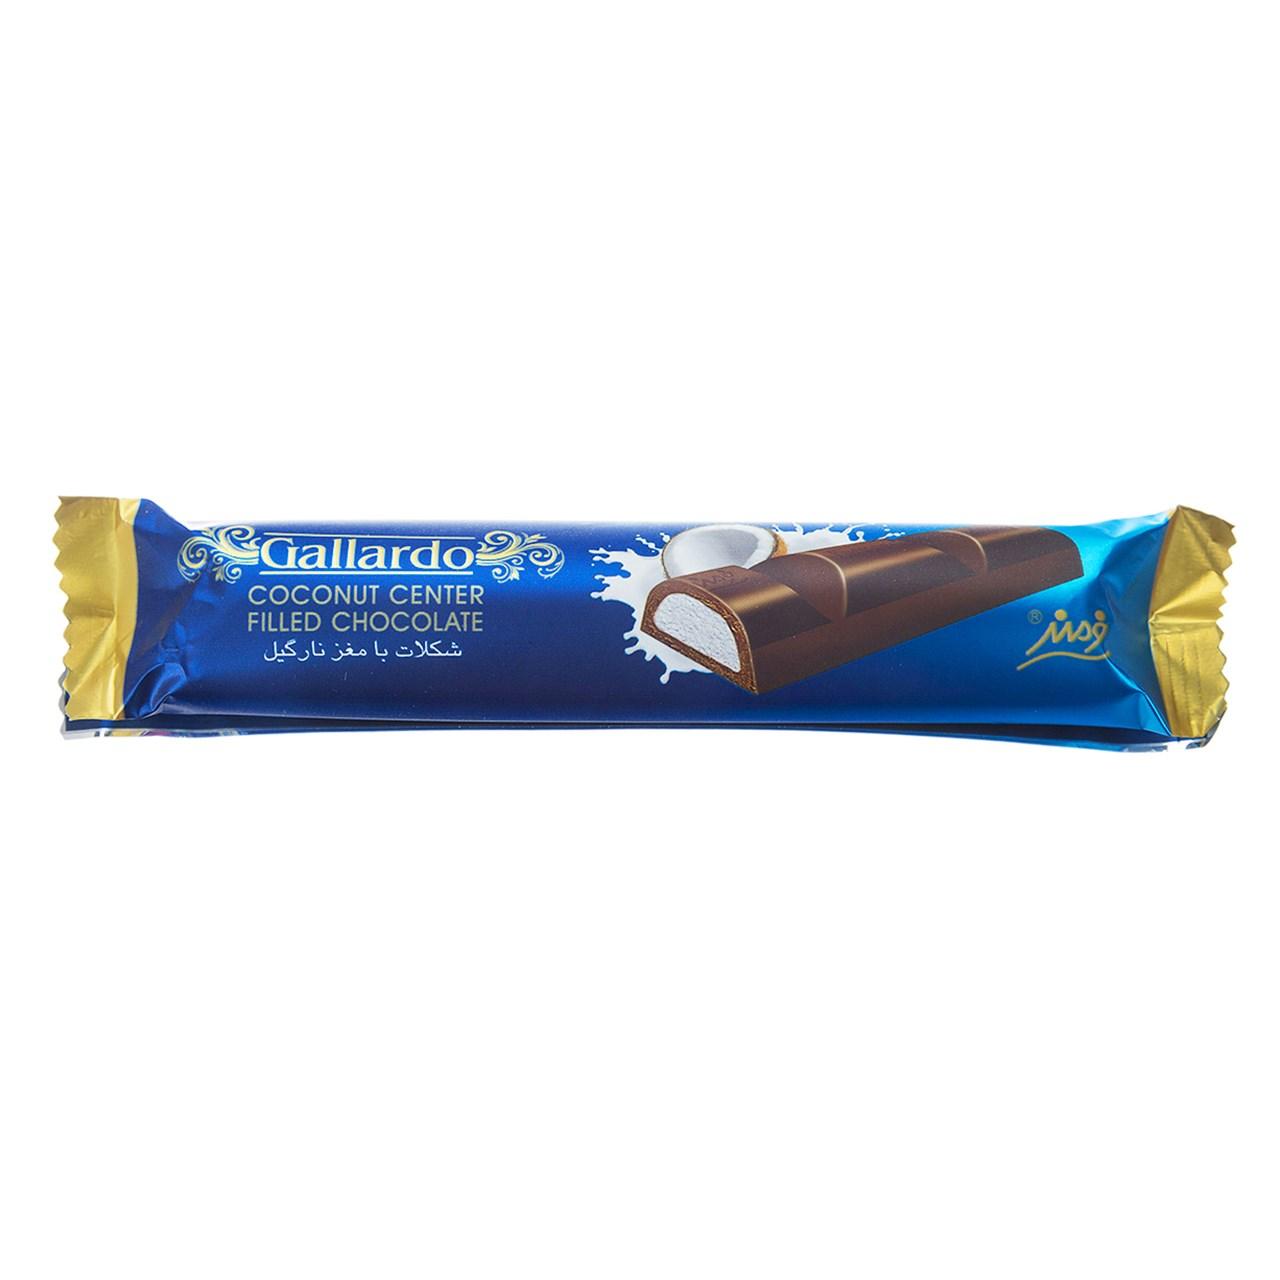 شکلات مغزدار نارگیل فرمند سری گالارد مقدار 25 گرم